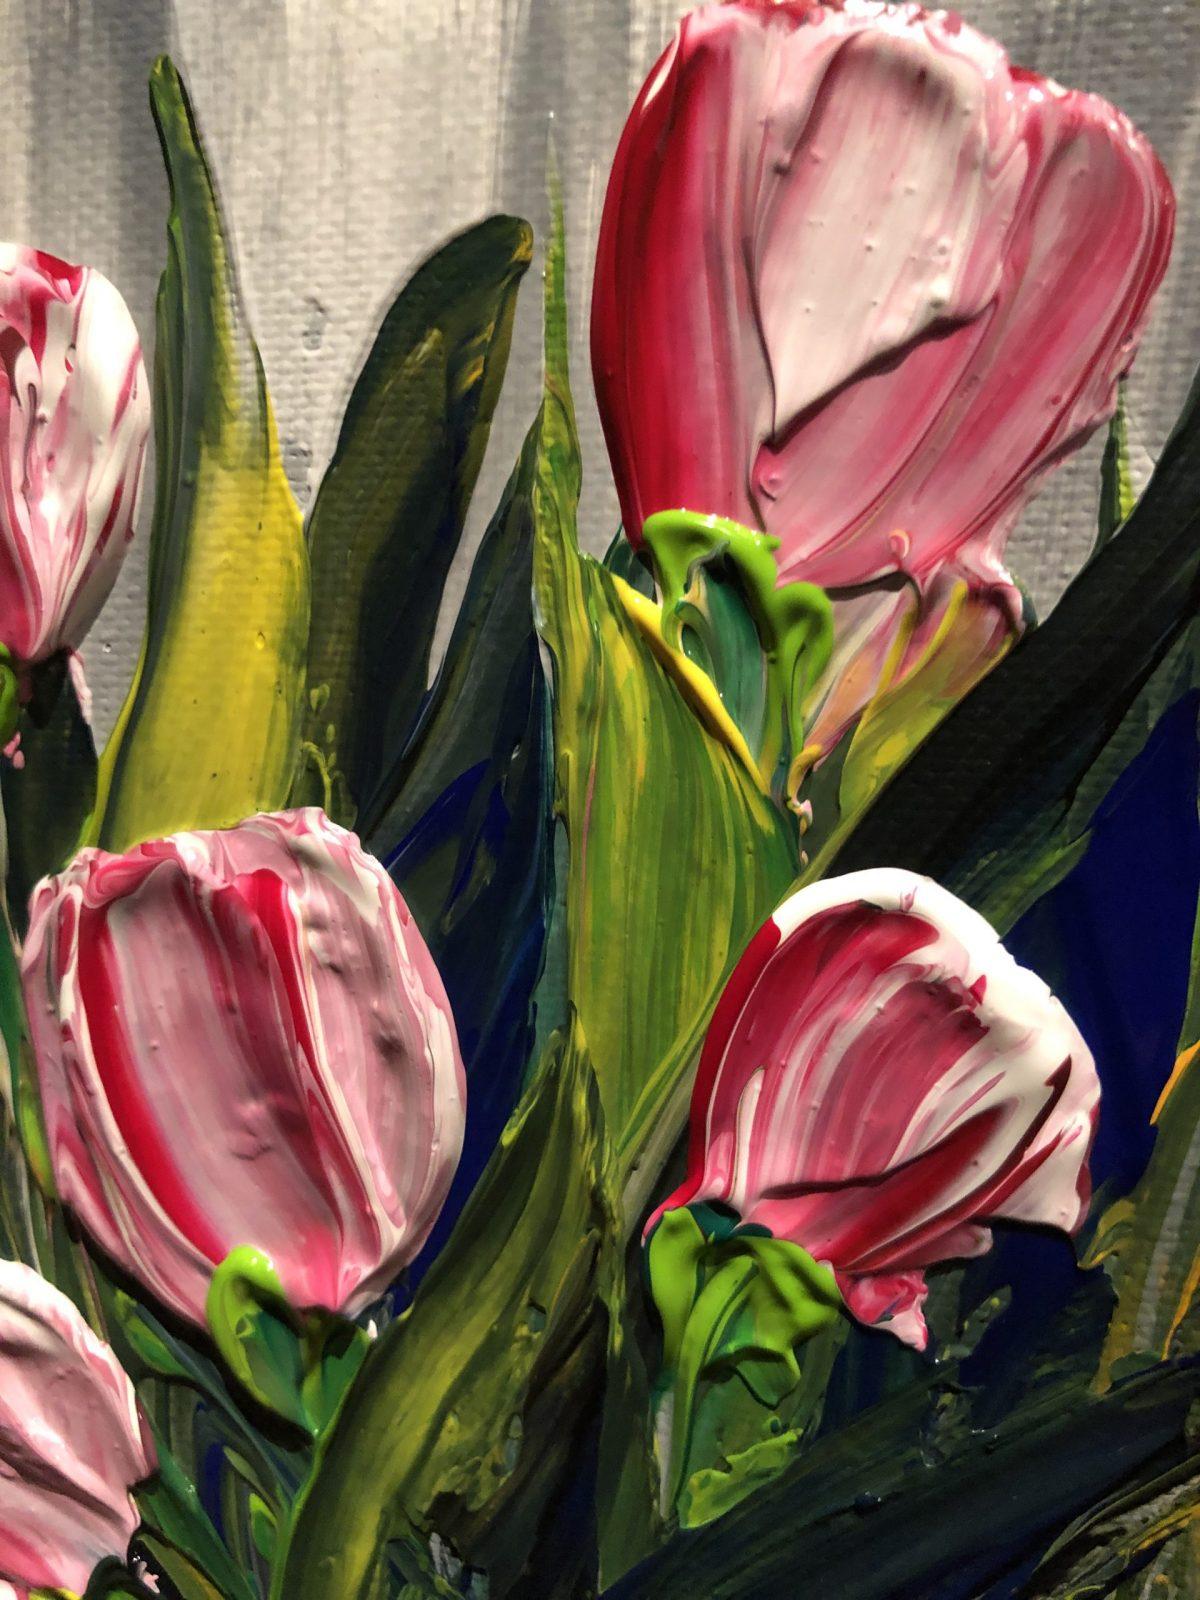 Tulipes, gros plan sur les fleures